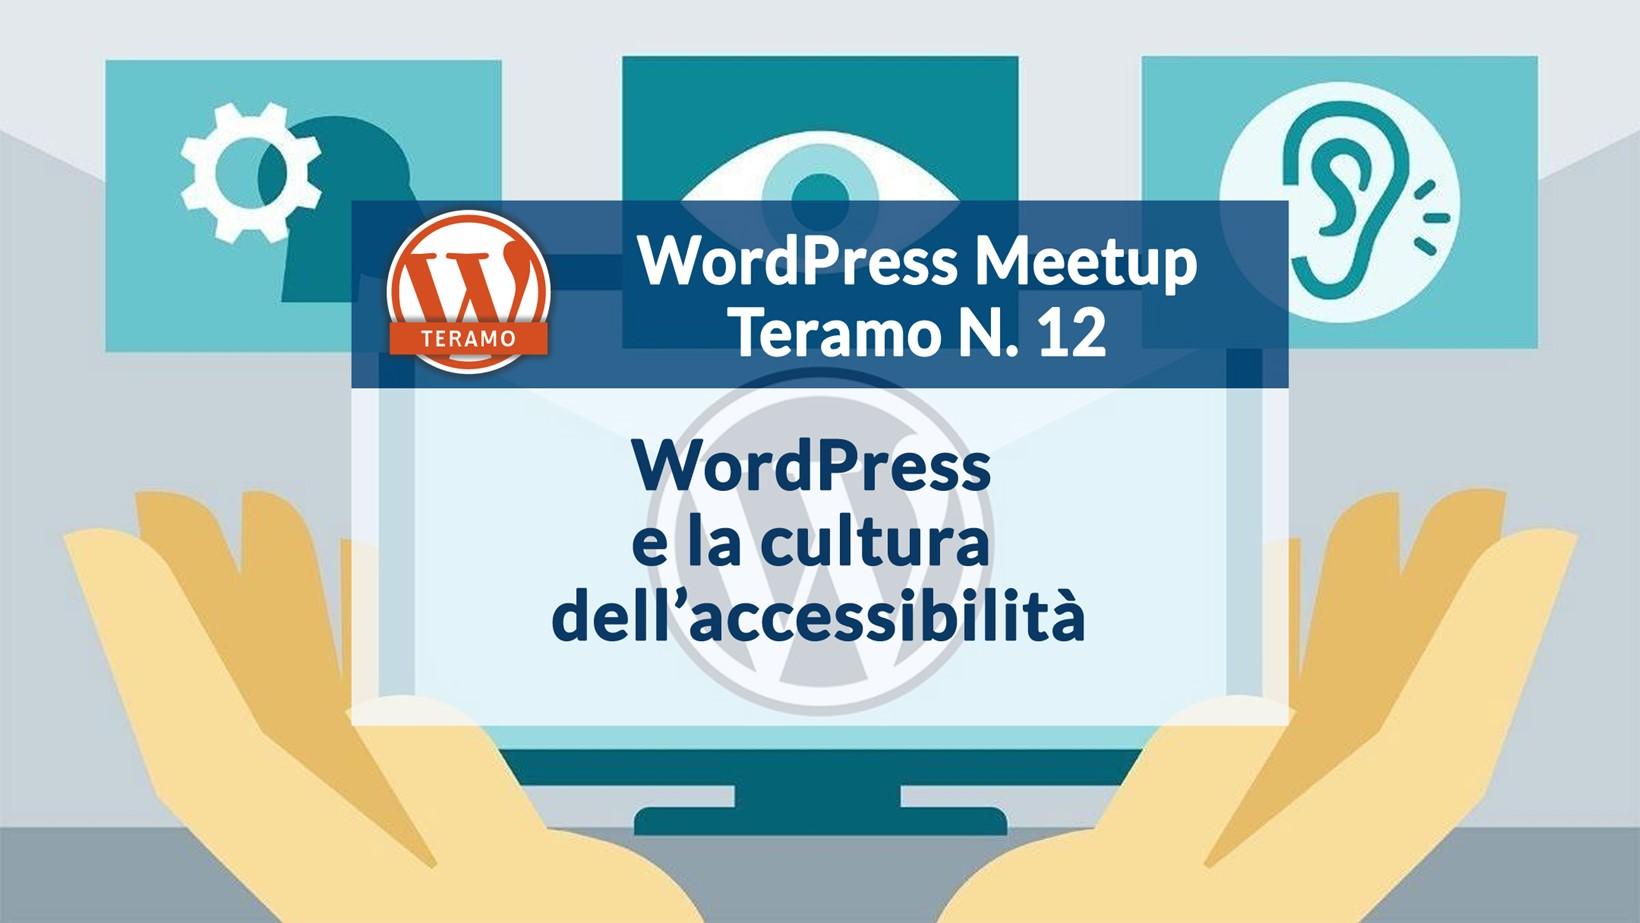 WordPress e la cultura dell'accessibilità - WordPress Meetup Teramo N. 12, immagine di copertina